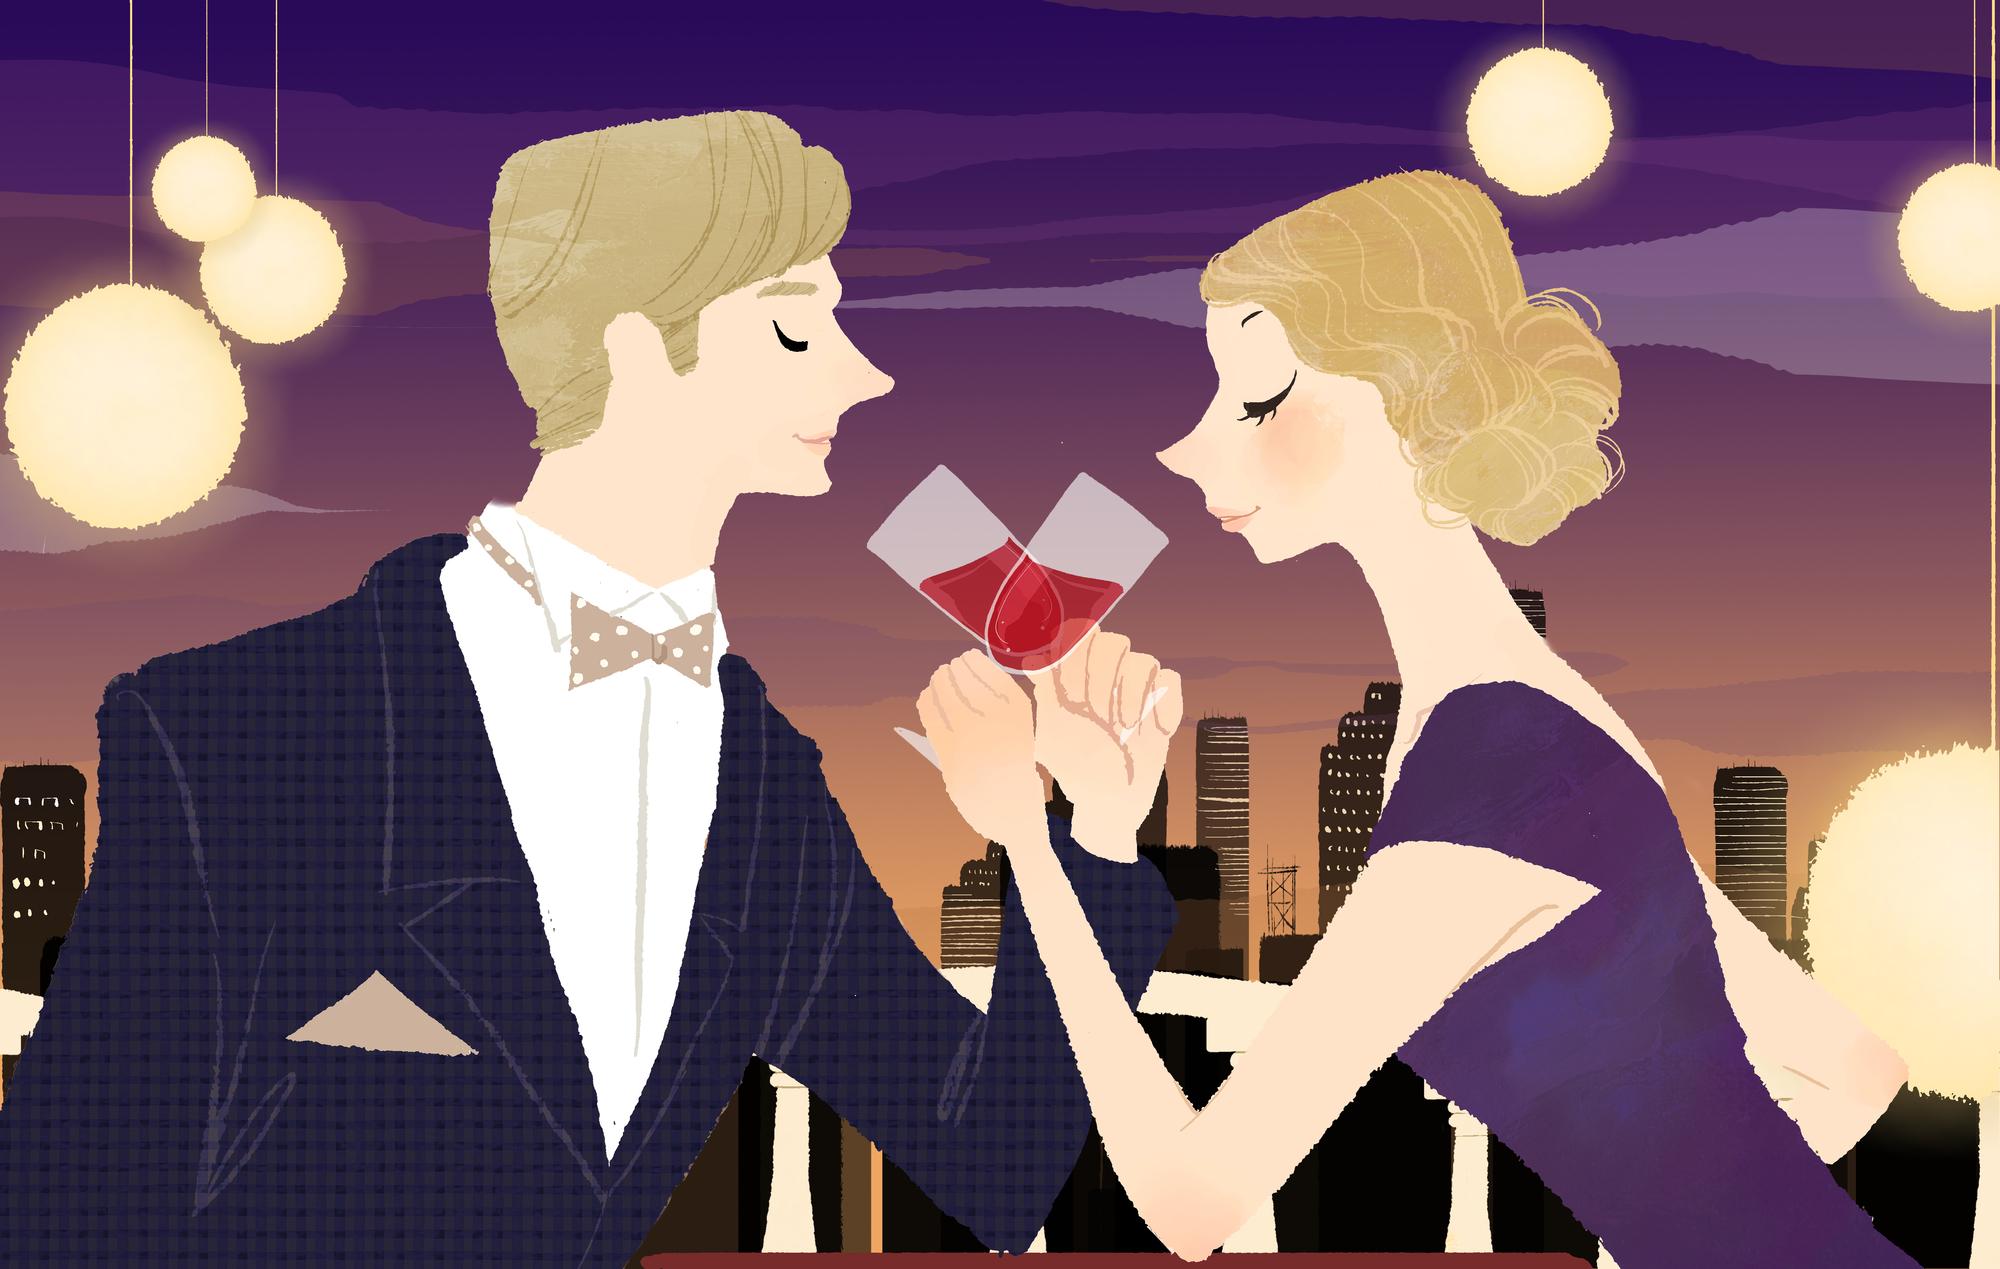 【失敗したくない人向け】目白の信頼できる結婚相談所を紹介します